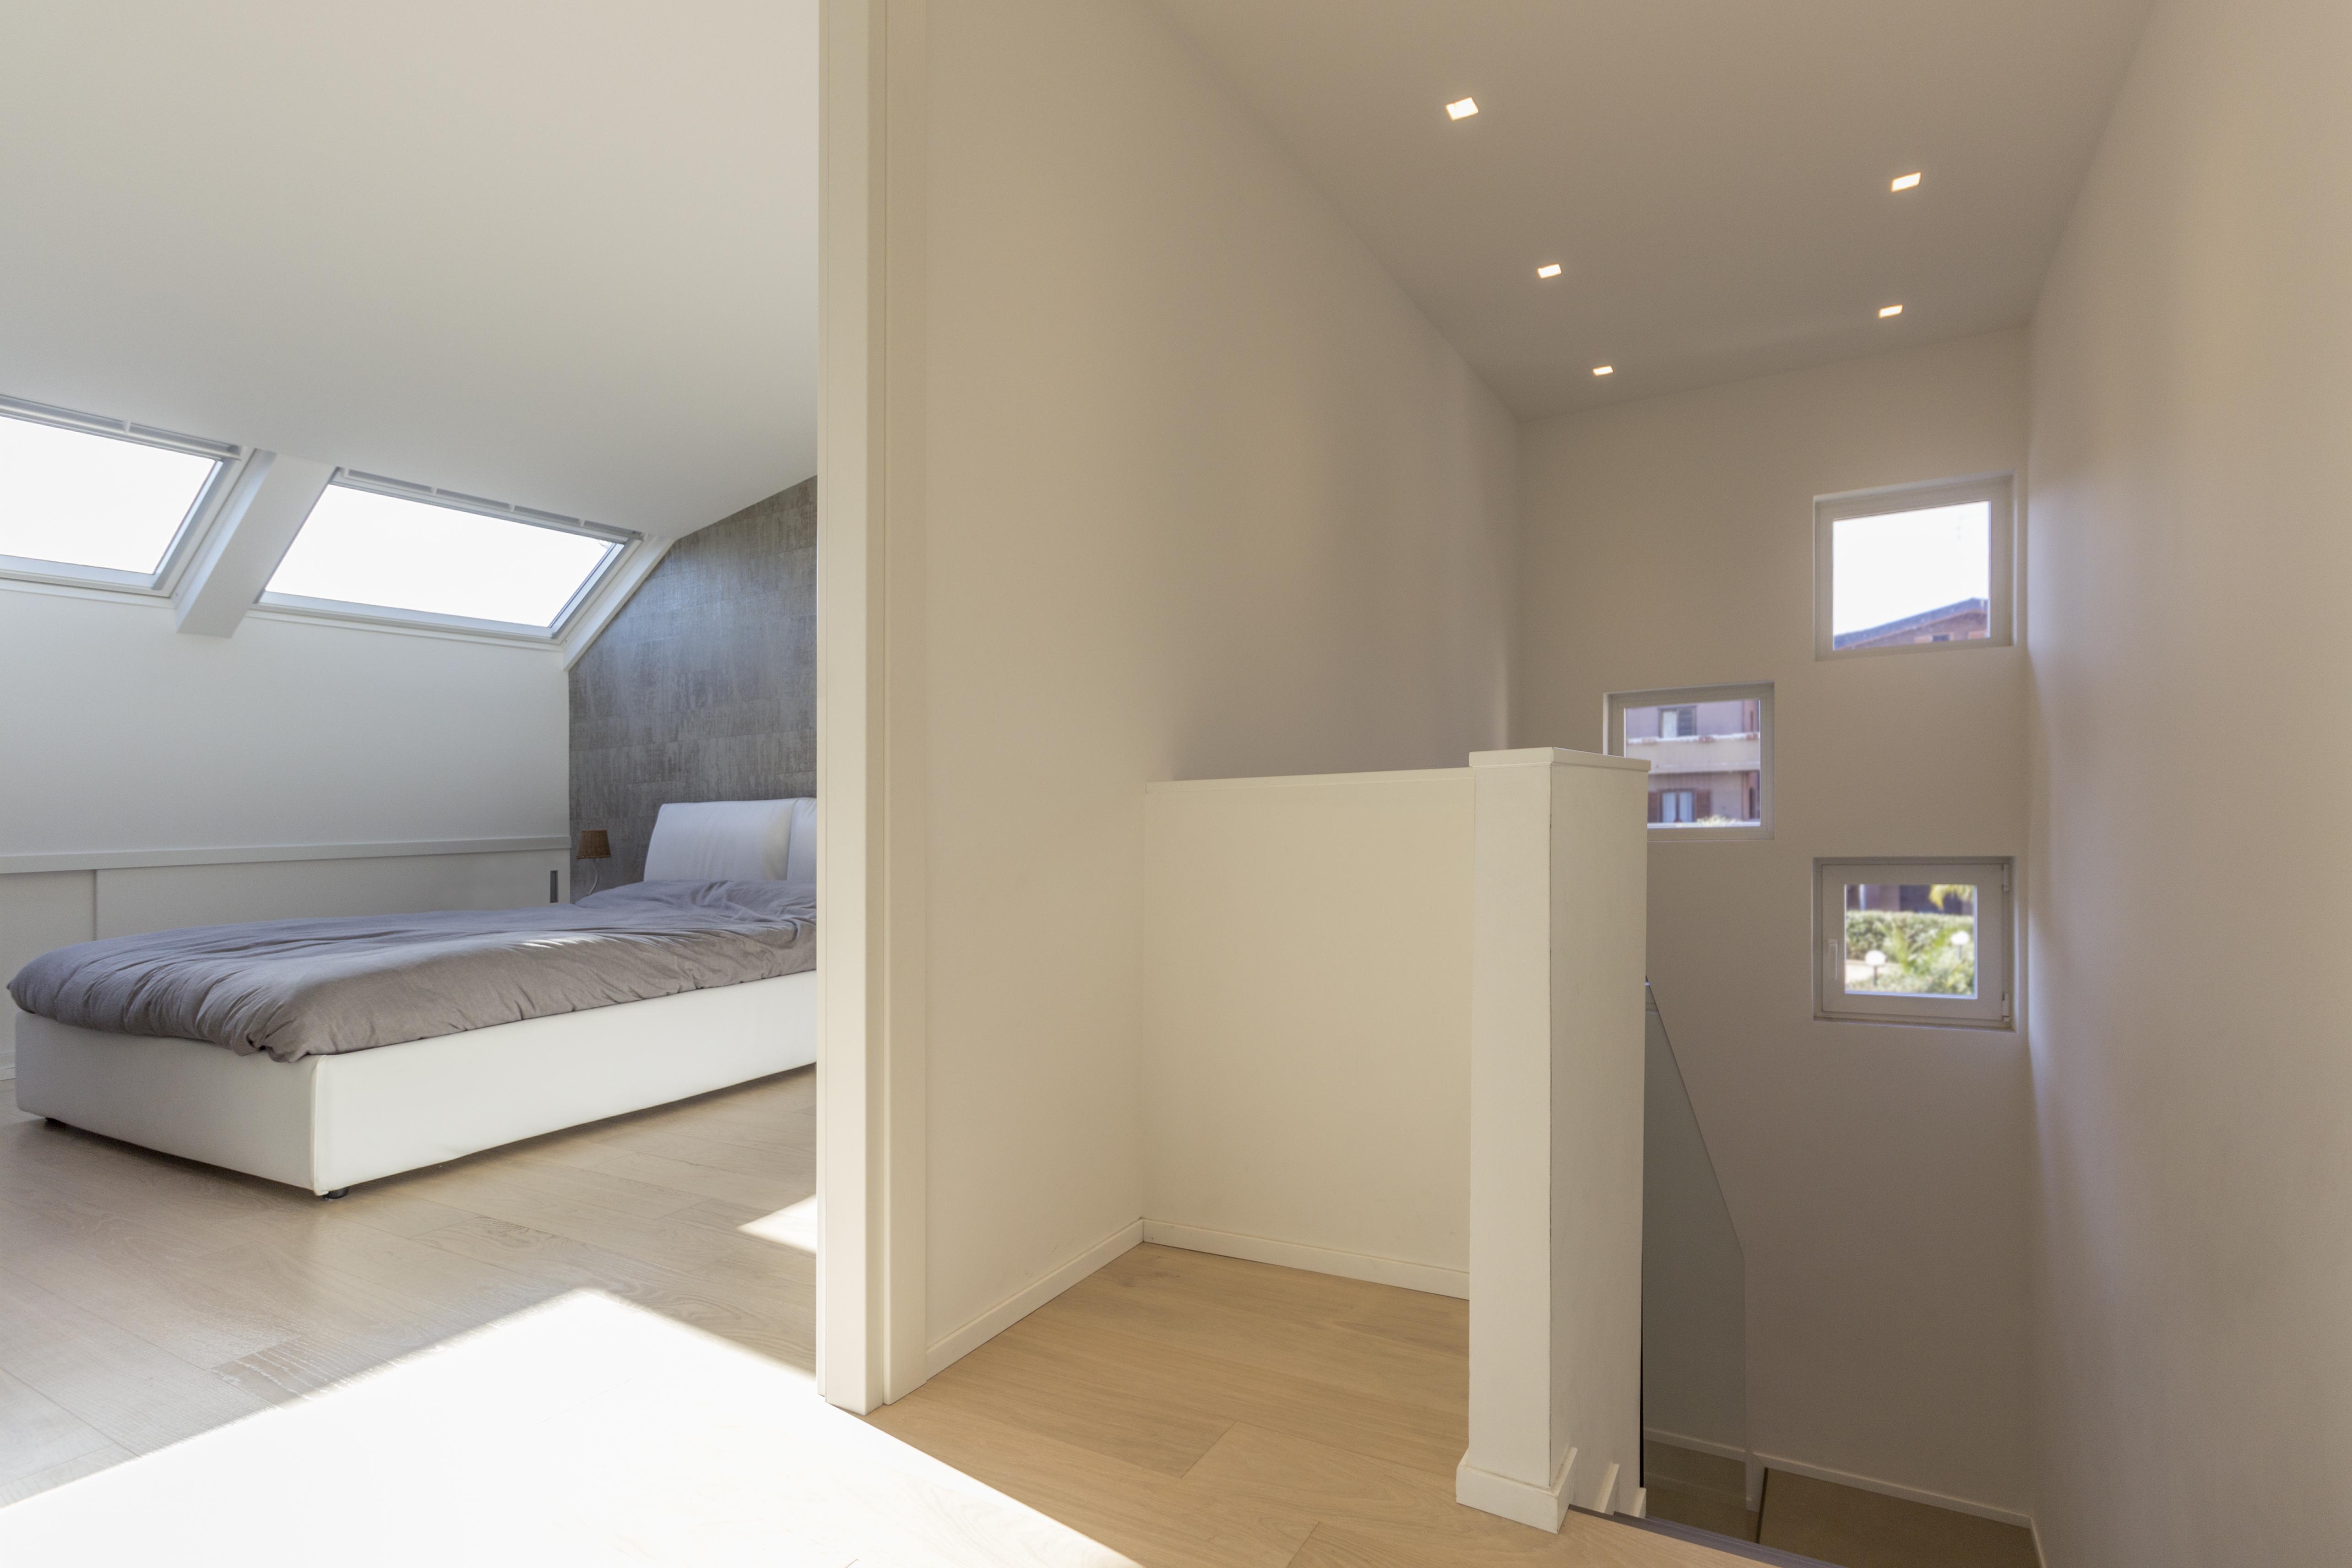 Uno spazio su due livelli con mansarda for Seminterrato su due livelli